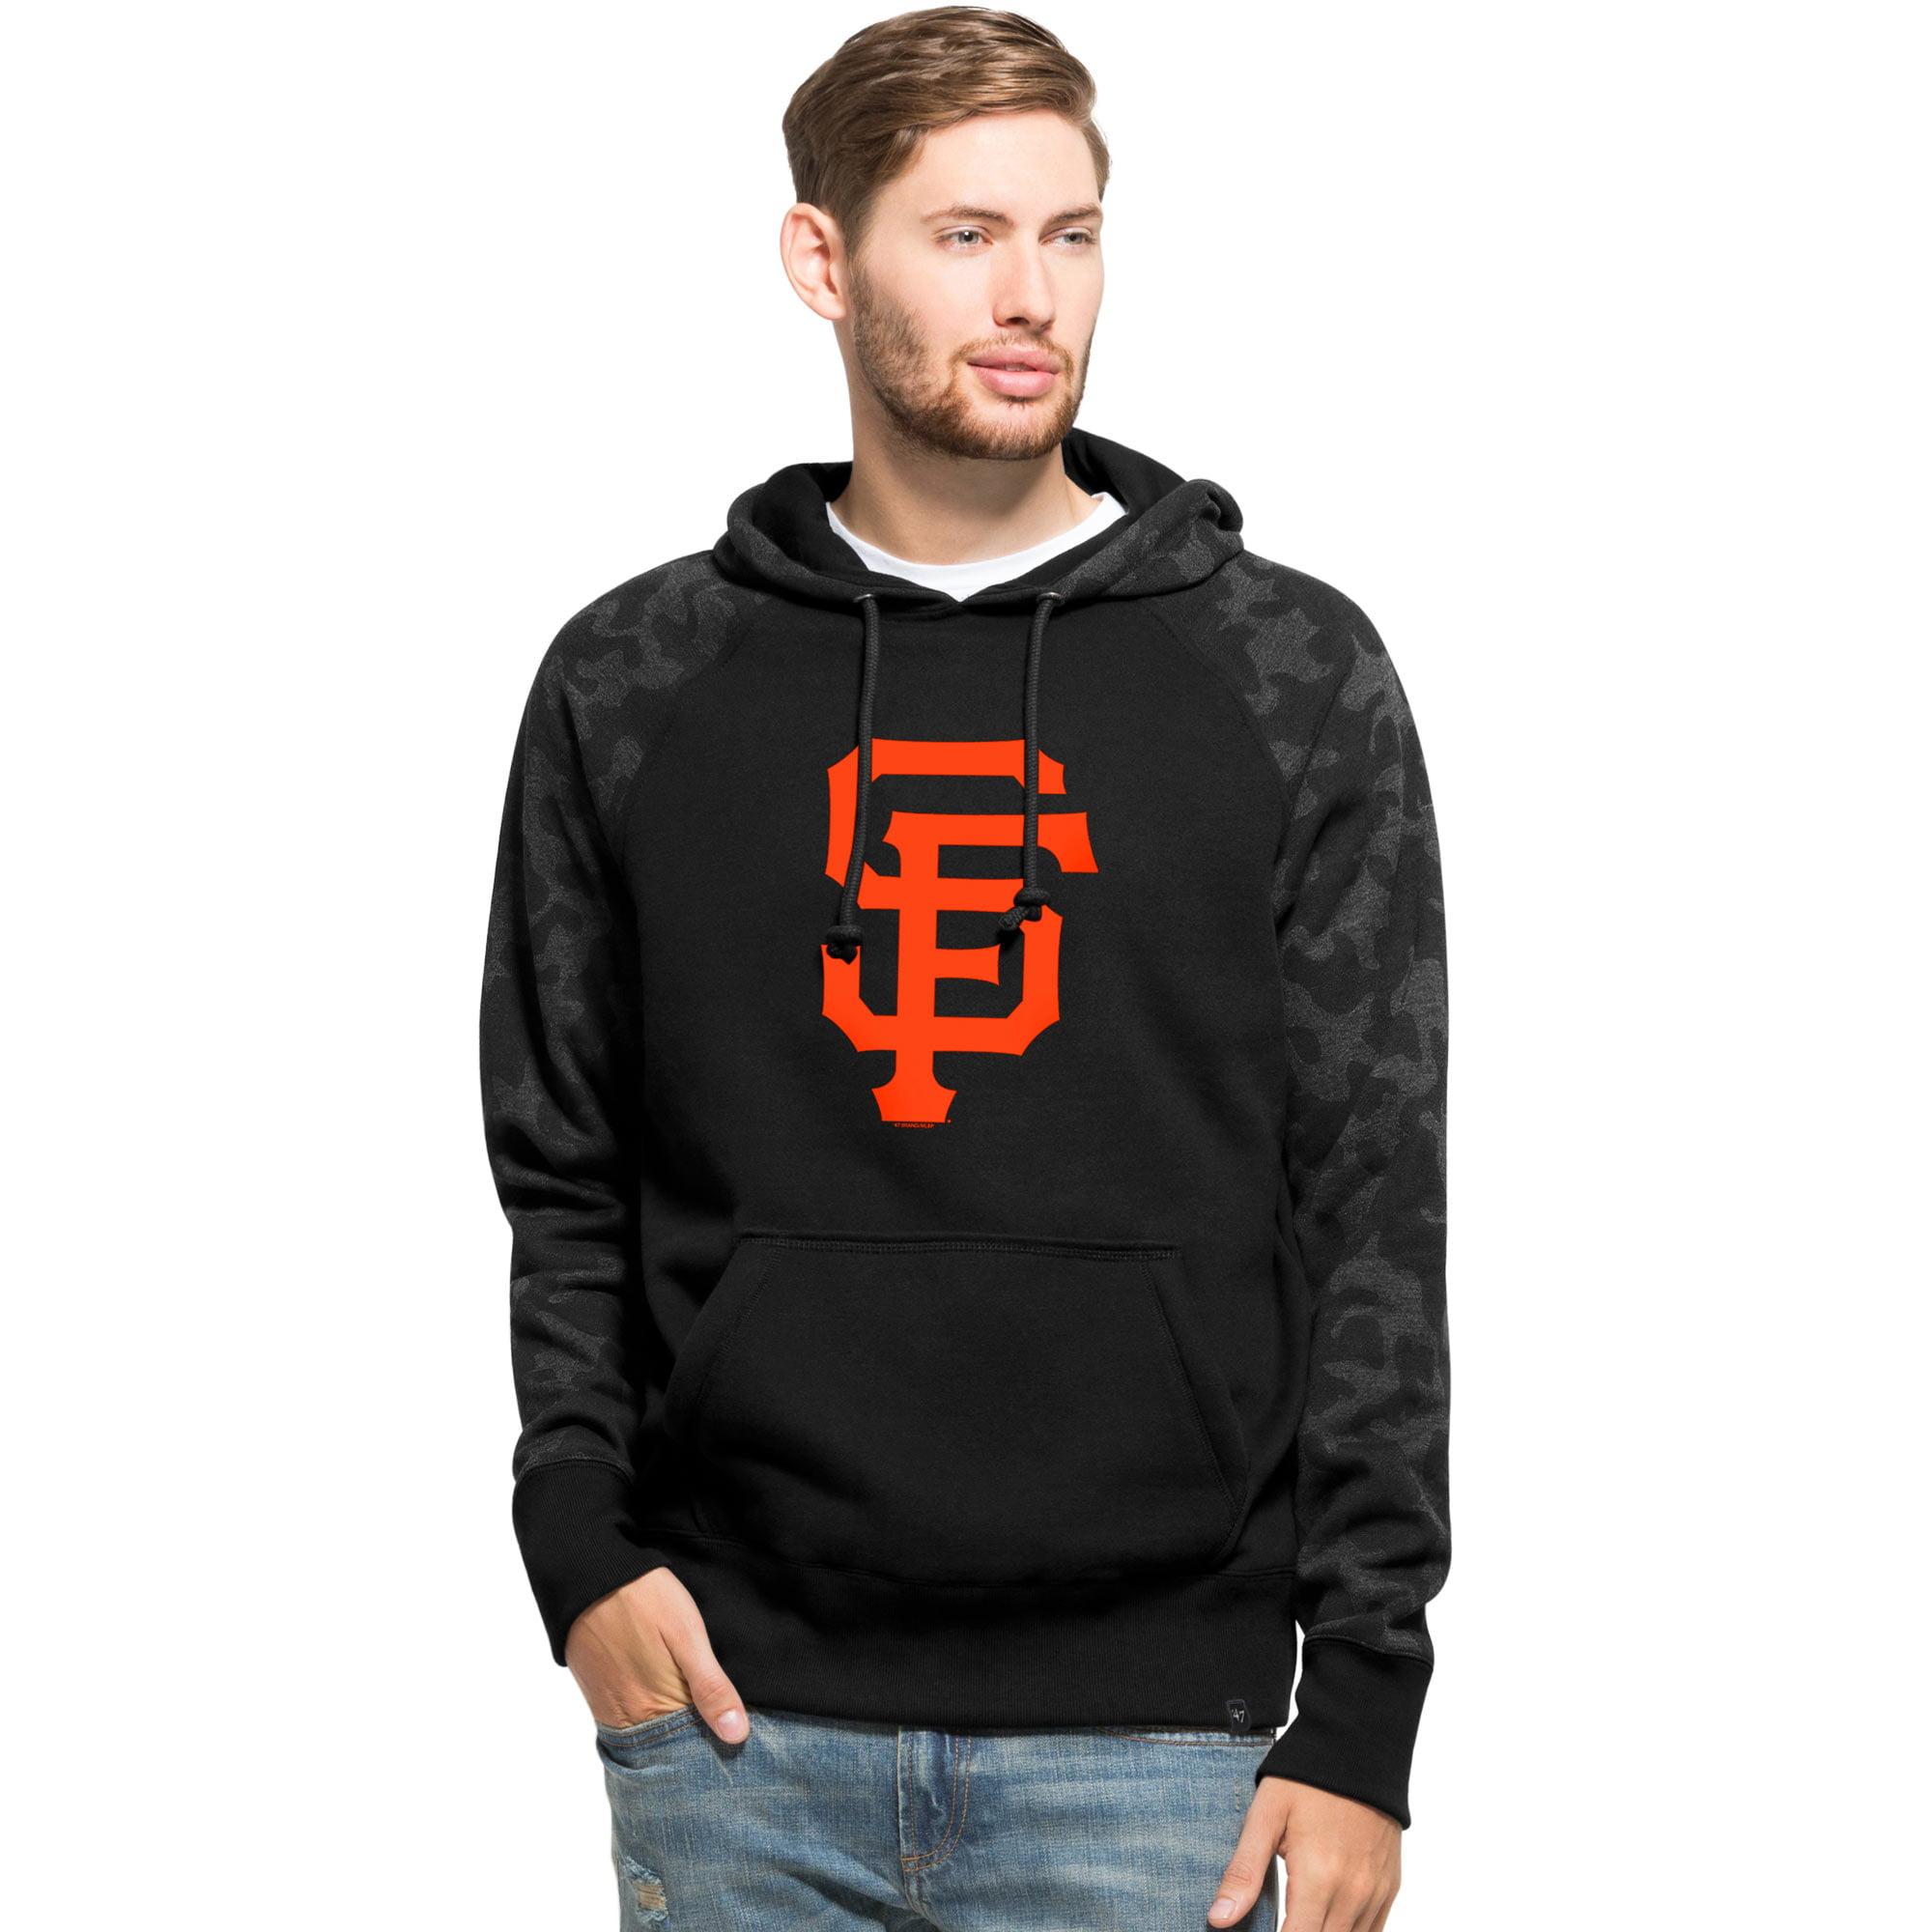 San Francisco Giants '47 Stealth Hoodie - Black